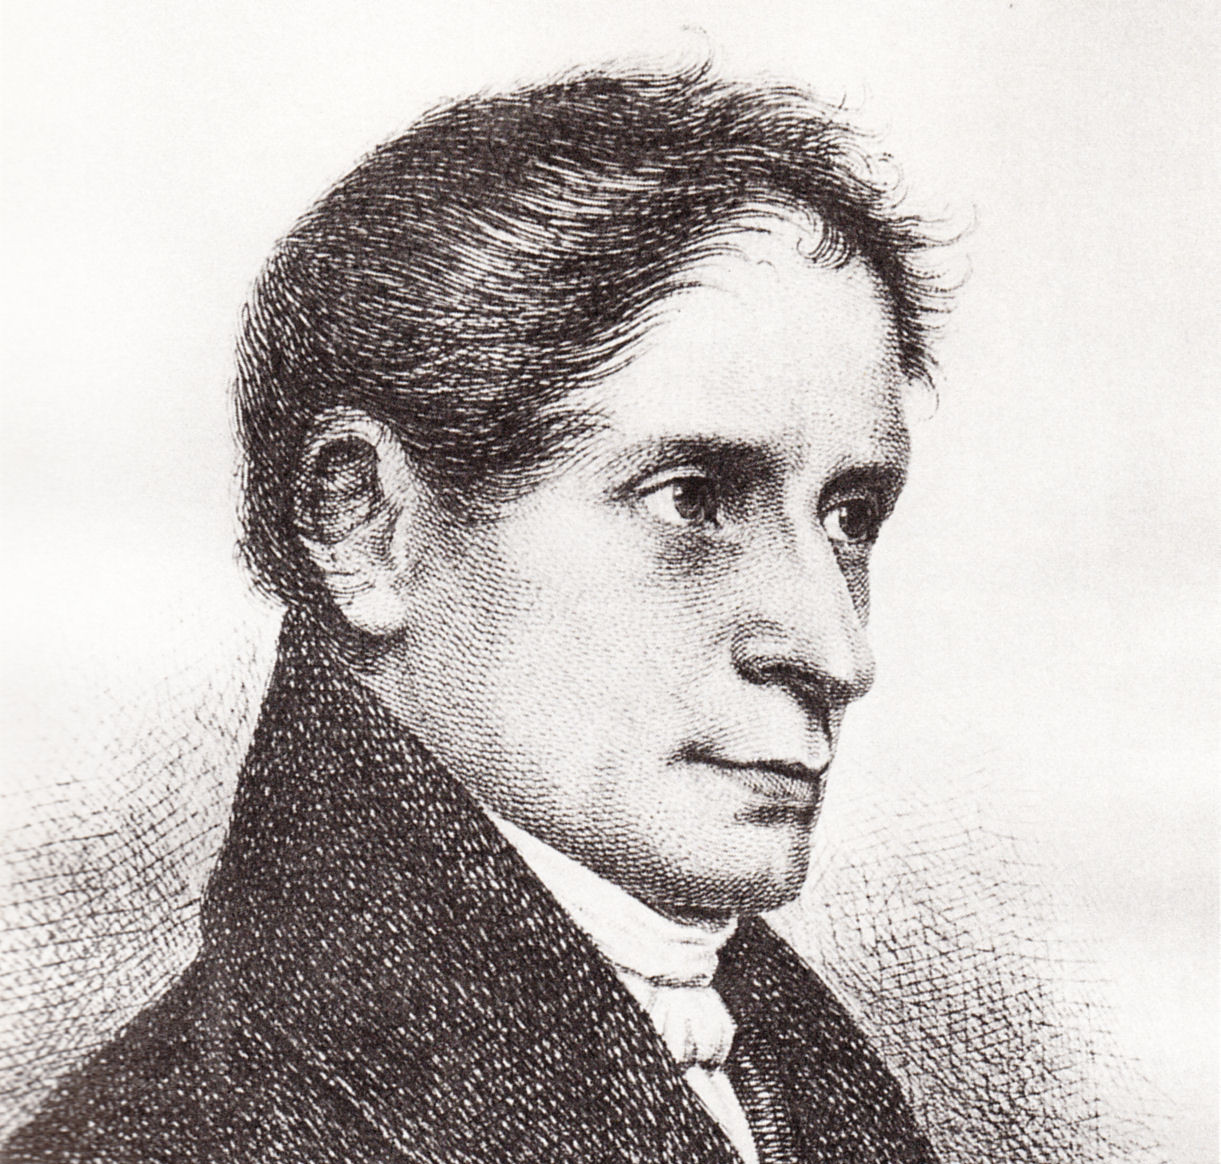 Joseph von Eichendorff (44)